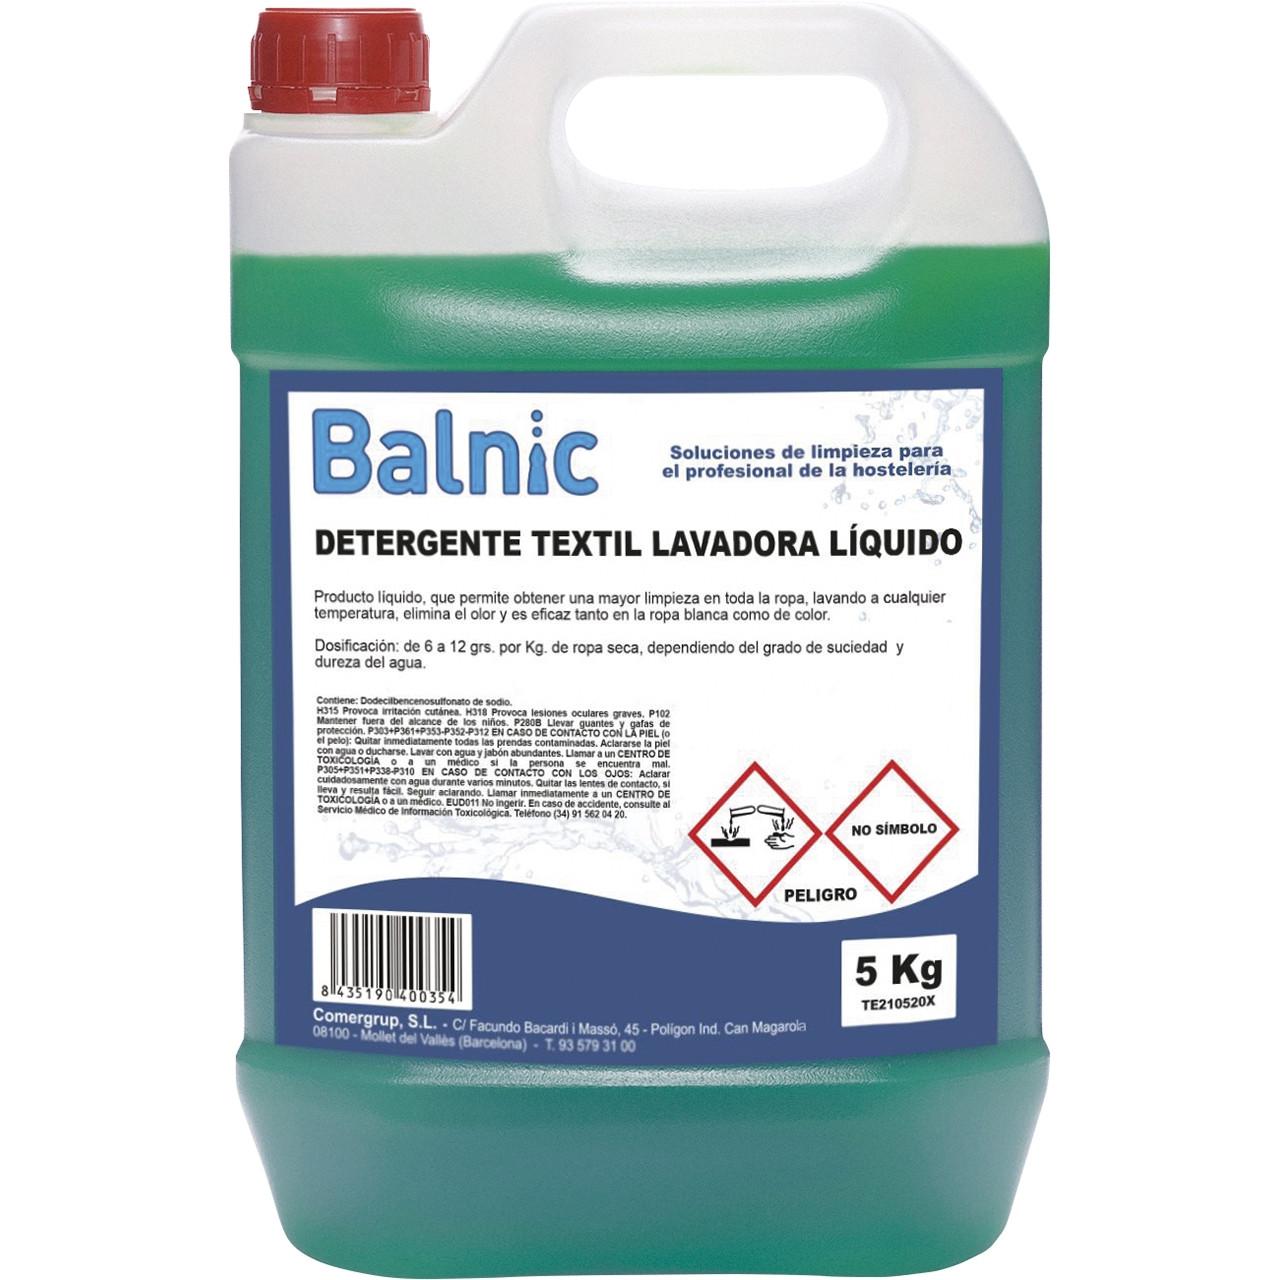 Balnic detergent rentadora liquid tèxtil